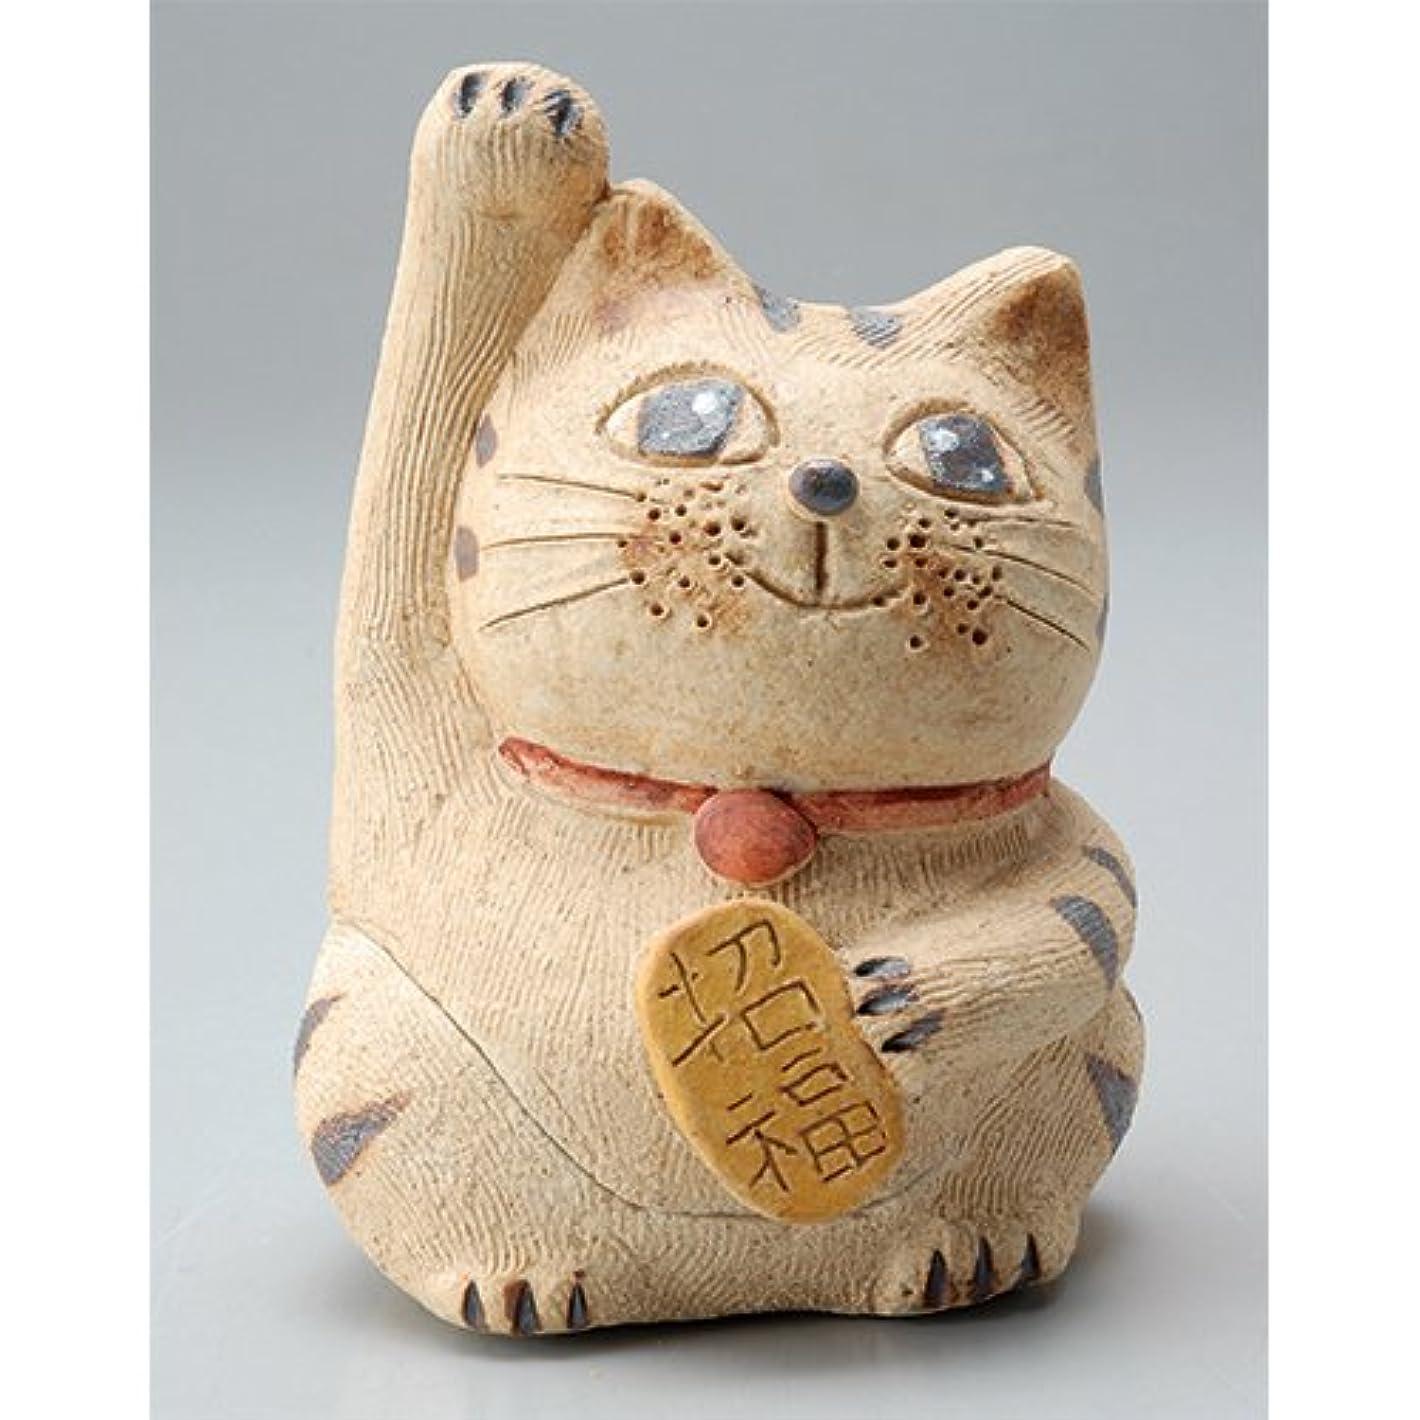 まぶしさ代替案に慣れ香炉 円な瞳招き猫(お金招き)香炉(小) [H8.5cm] HANDMADE プレゼント ギフト 和食器 かわいい インテリア